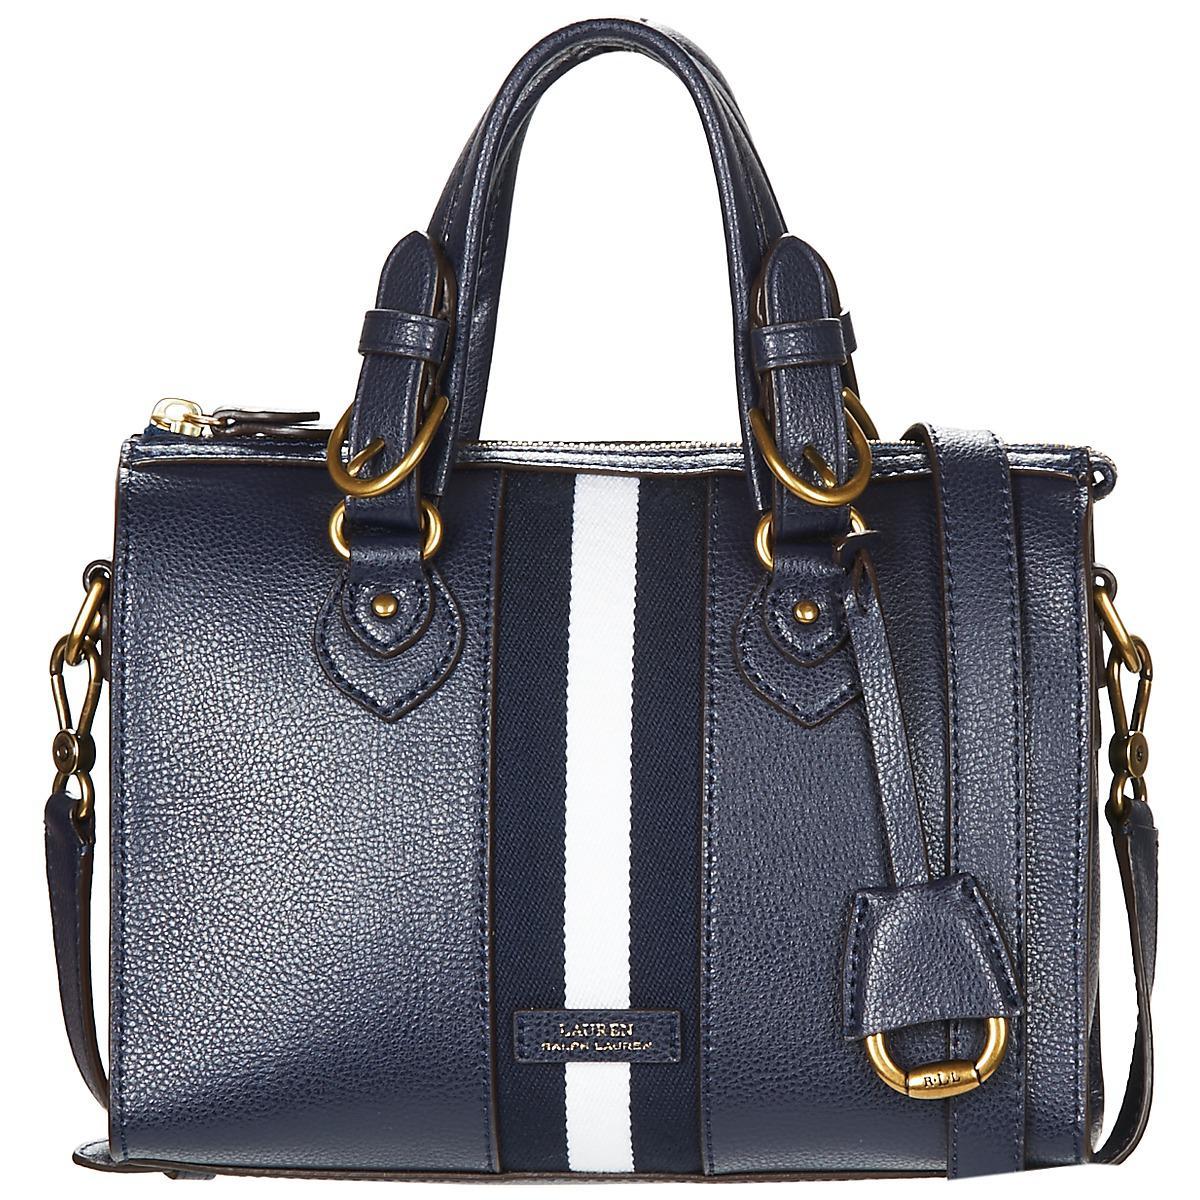 Lauren by Ralph Lauren Chesterfield Small Duffle Women s Handbags In ... ab6ac2d53e3